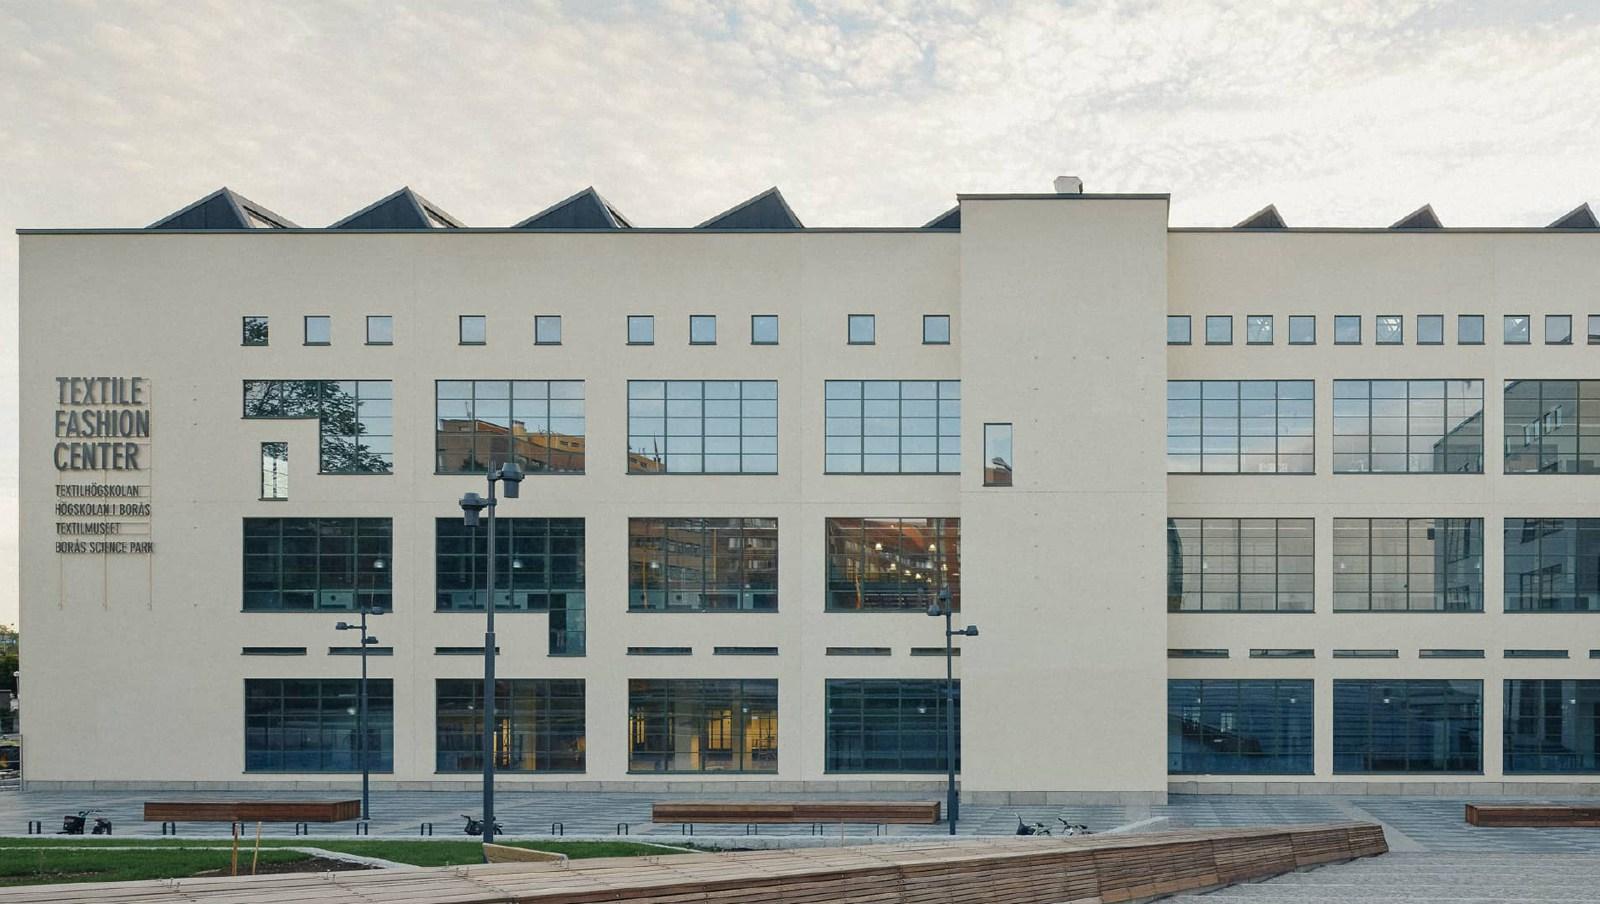 Kanico Textile Fashion Center